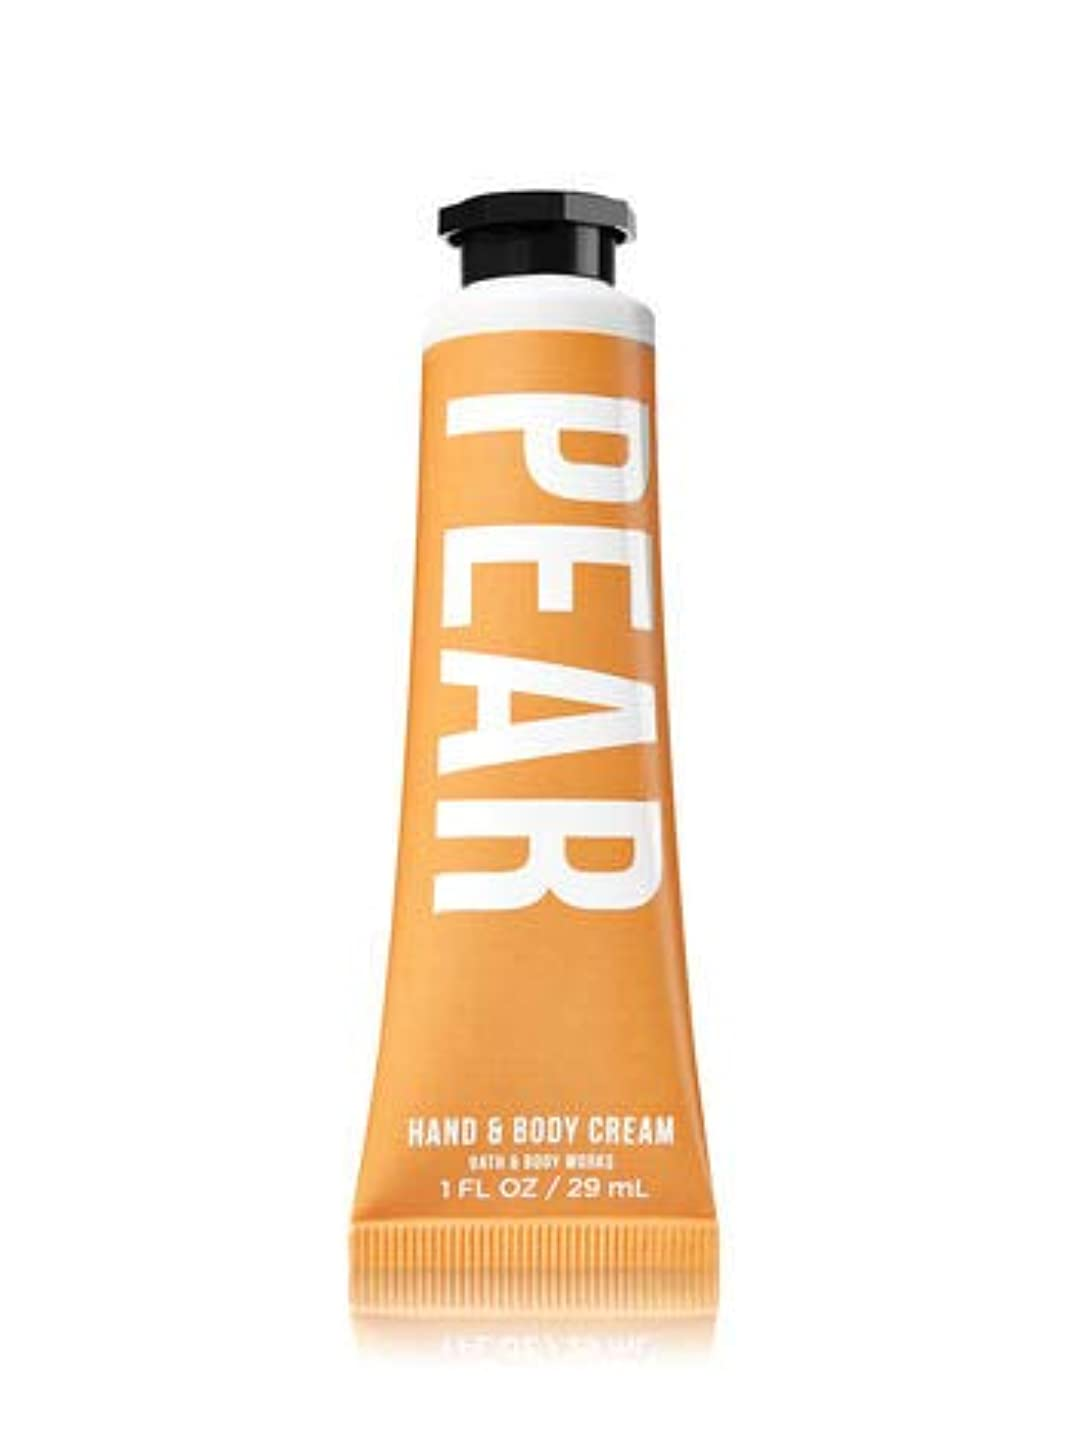 ごちそう新年フィラデルフィア【Bath&Body Works/バス&ボディワークス】 シアバター ハンド&ボディクリーム ペアー Shea Butter Hand & Body Cream Pear 1 fl oz / 29 mL [並行輸入品]